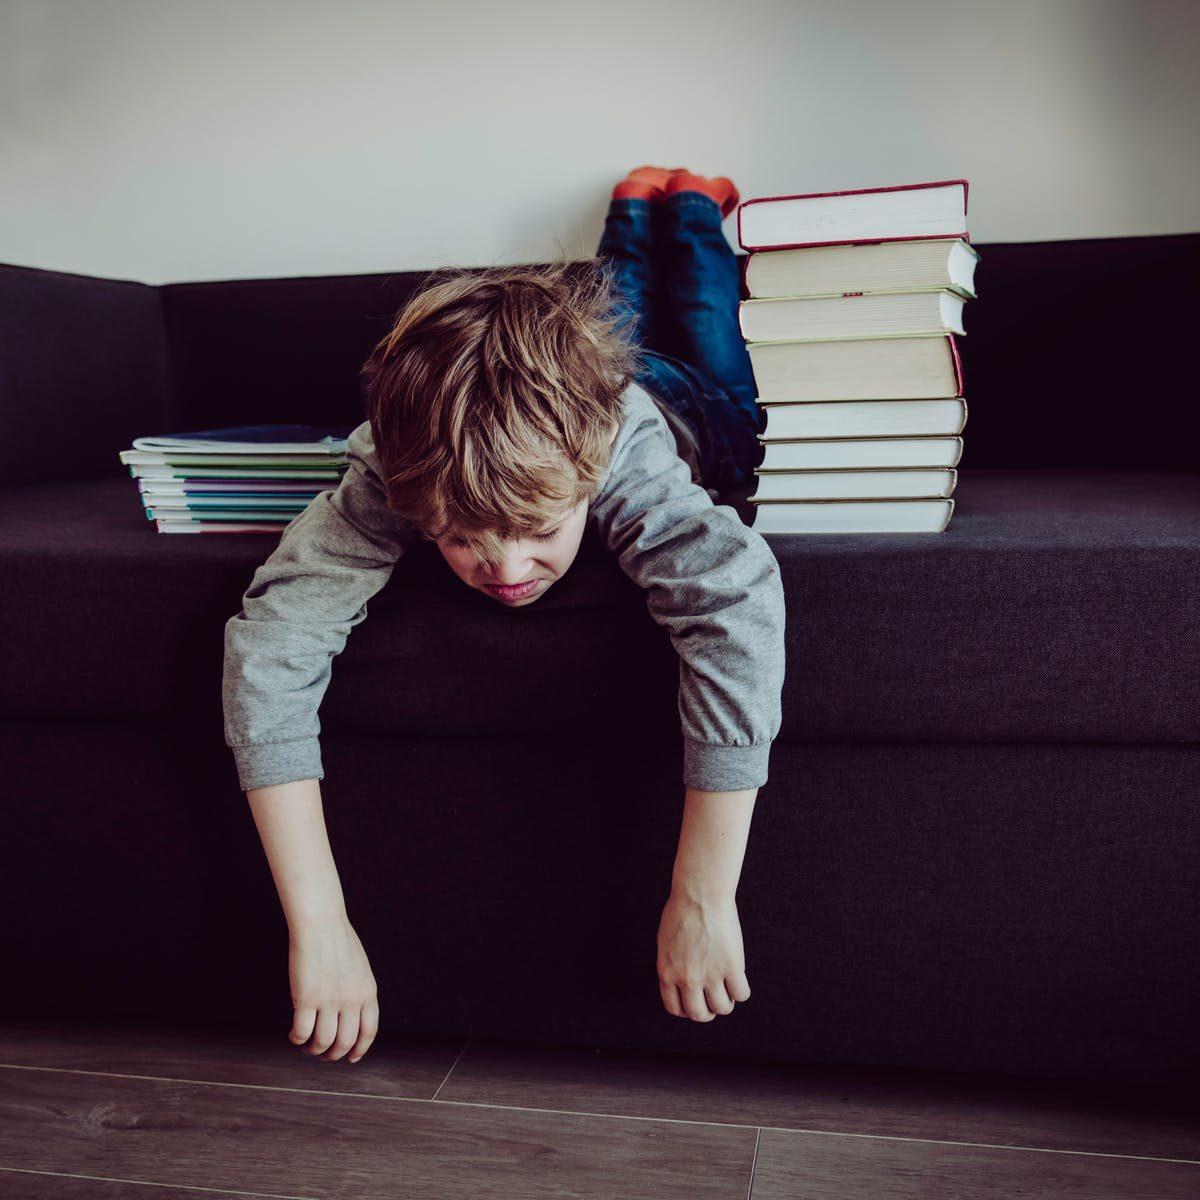 Τι συμβαίνει και το παιδί μου δεν θέλει να πάει στο σχολείο;